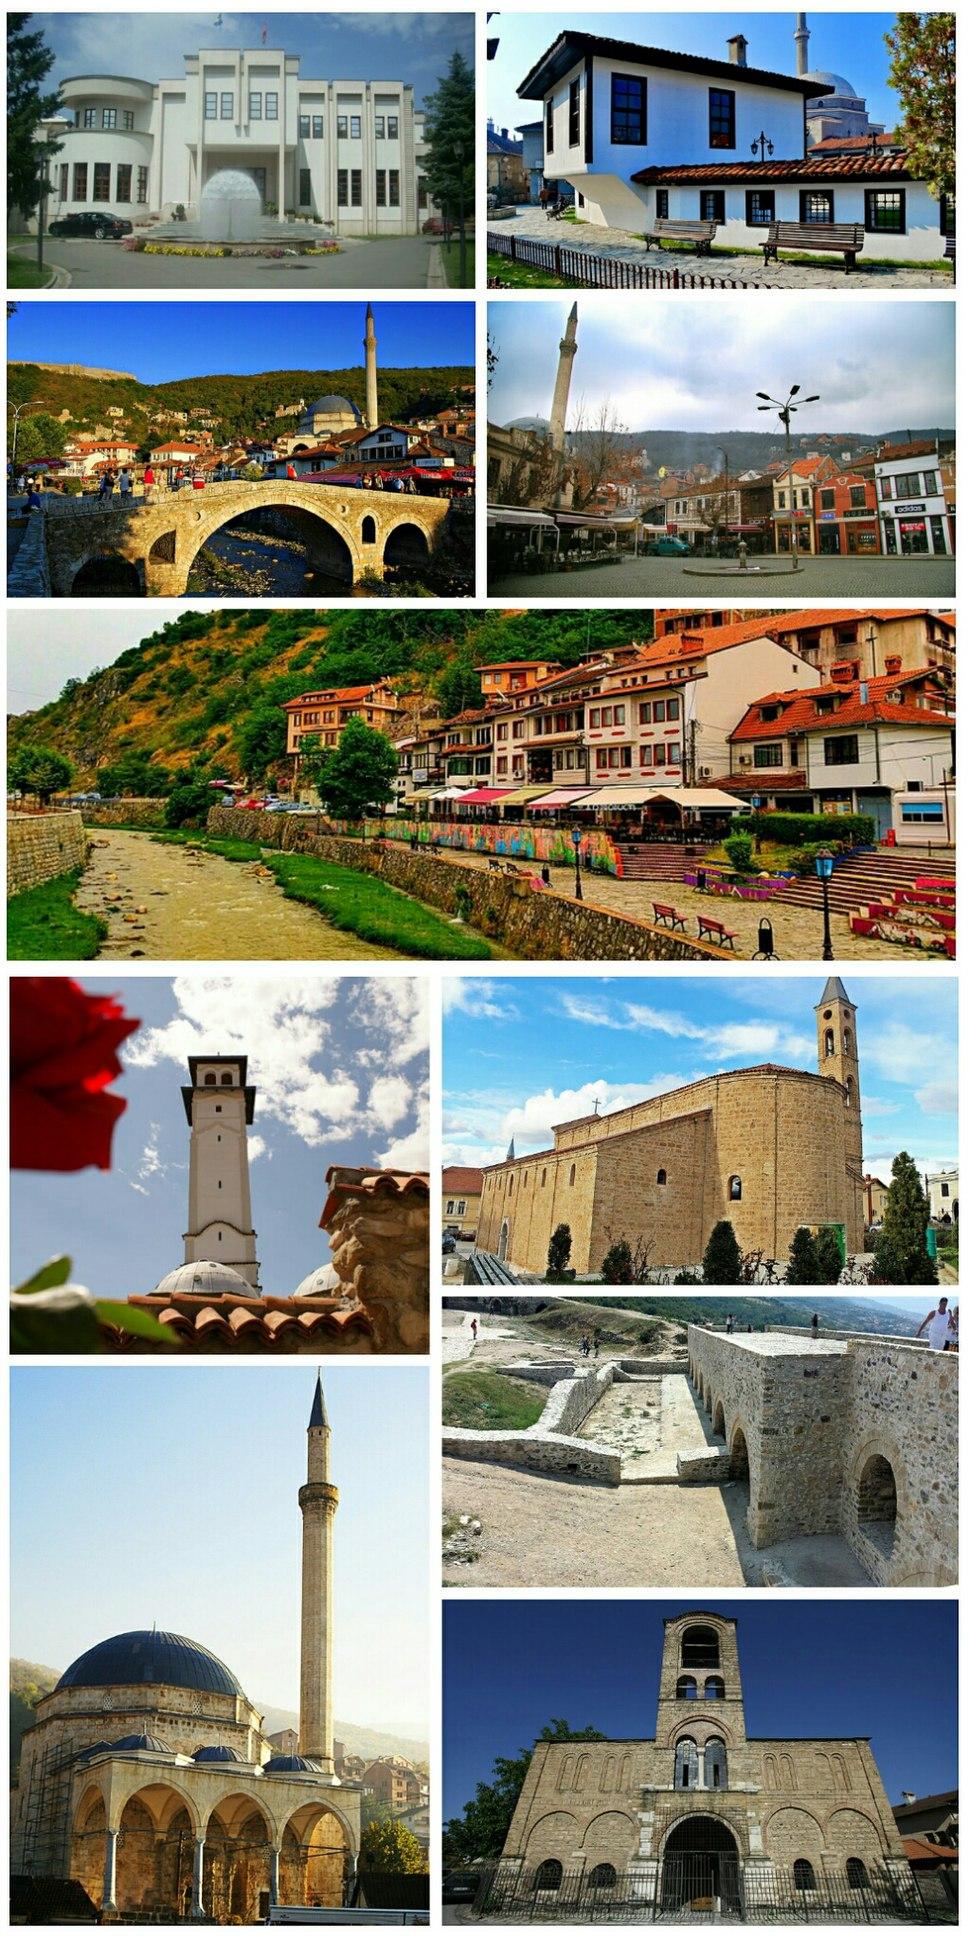 Prizren collage